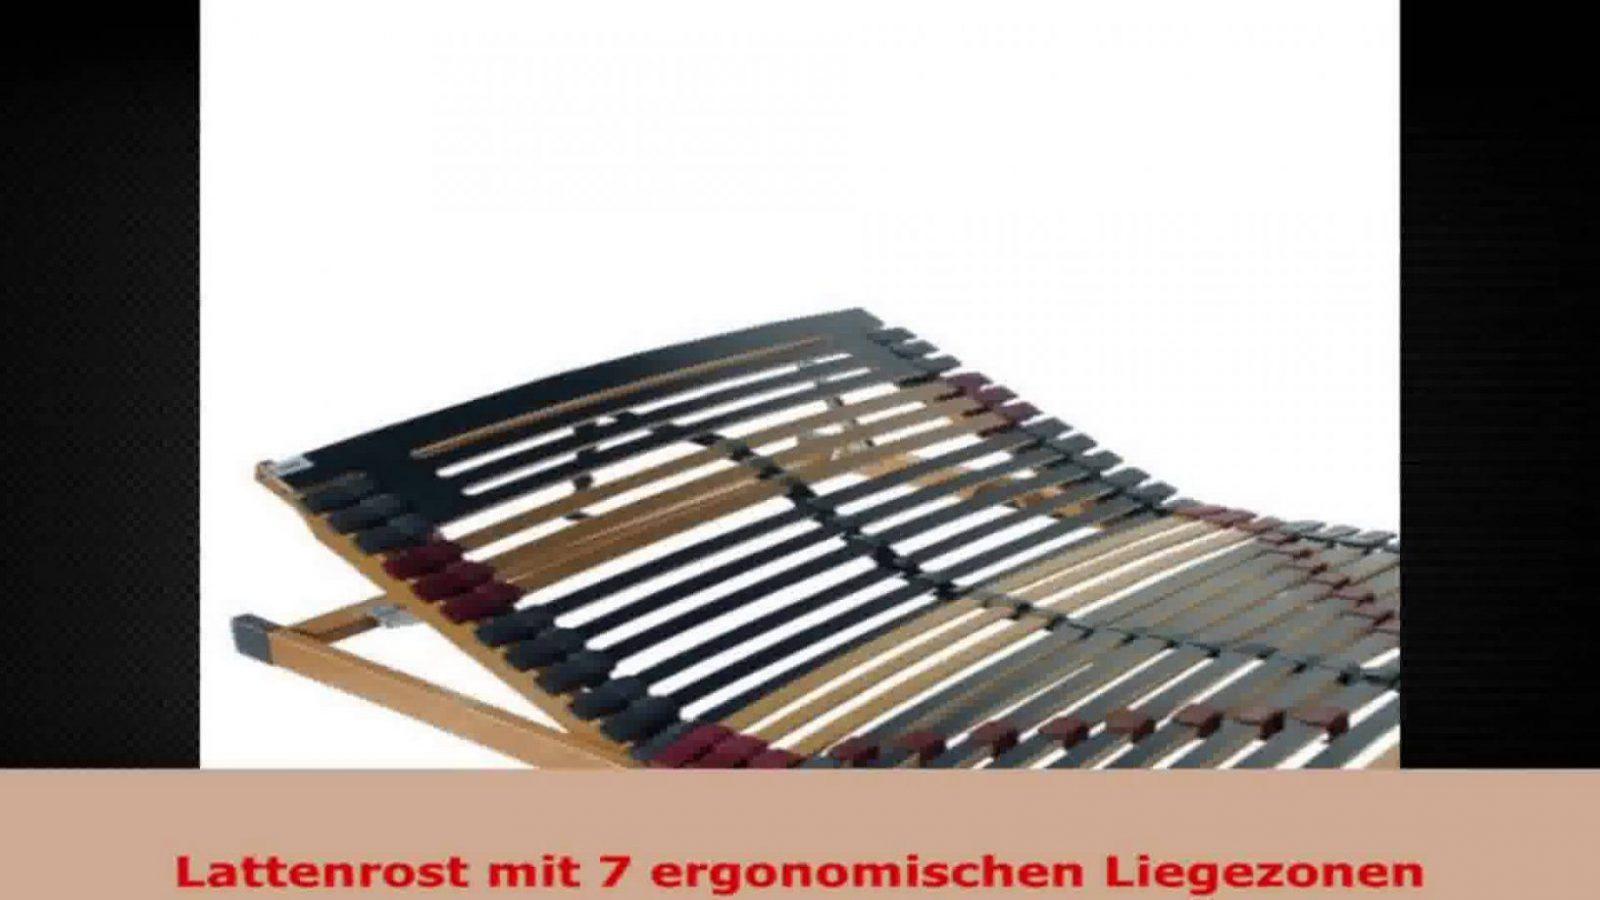 Fmp Matratzenmanufaktur 220002 7 Zonen Lattenrost Rhodos Kf Kopf Und von Lattenrost Richtig Einstellen Anleitung Photo